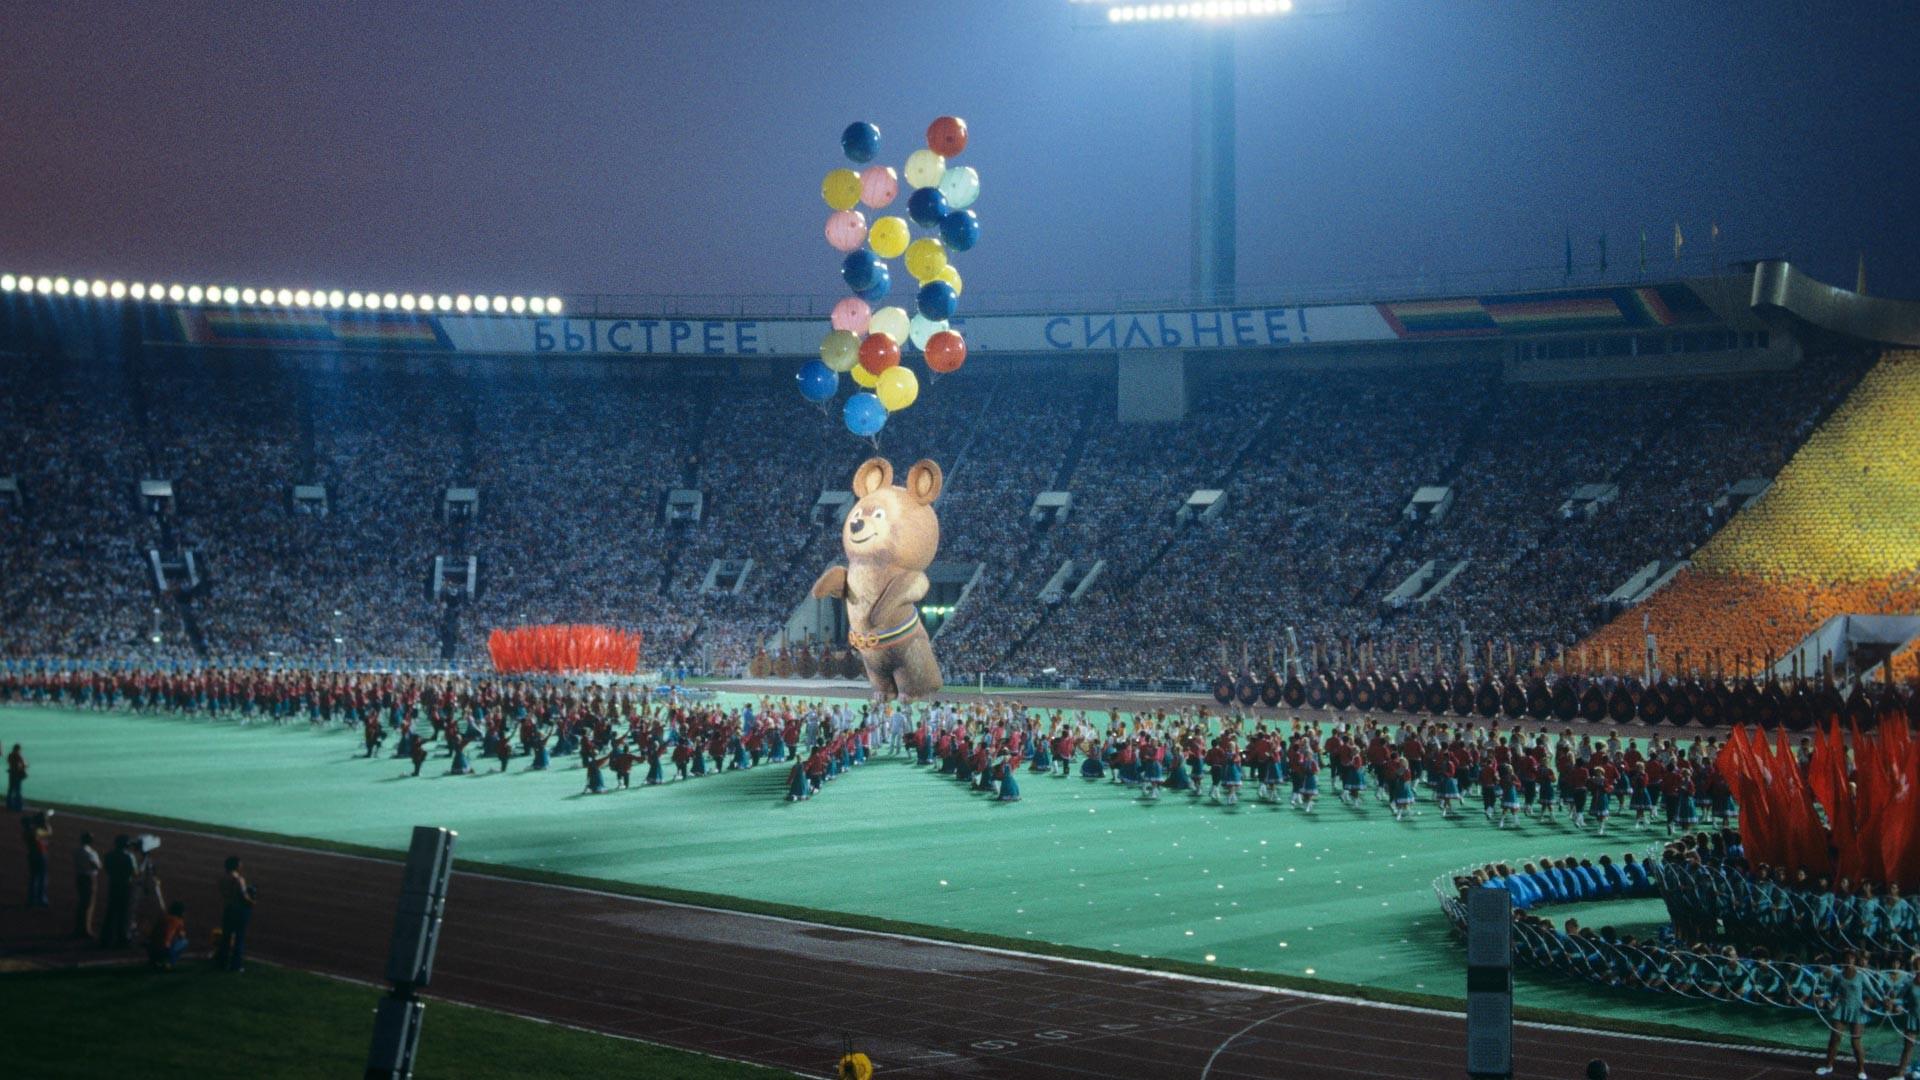 Velika športna arena Centralnega stadiona Lenina. Slovesnost ob zaprtju 22. olimpijskih iger, na kateri so v nebo spustili 8-metrsko podobo maskote Miške